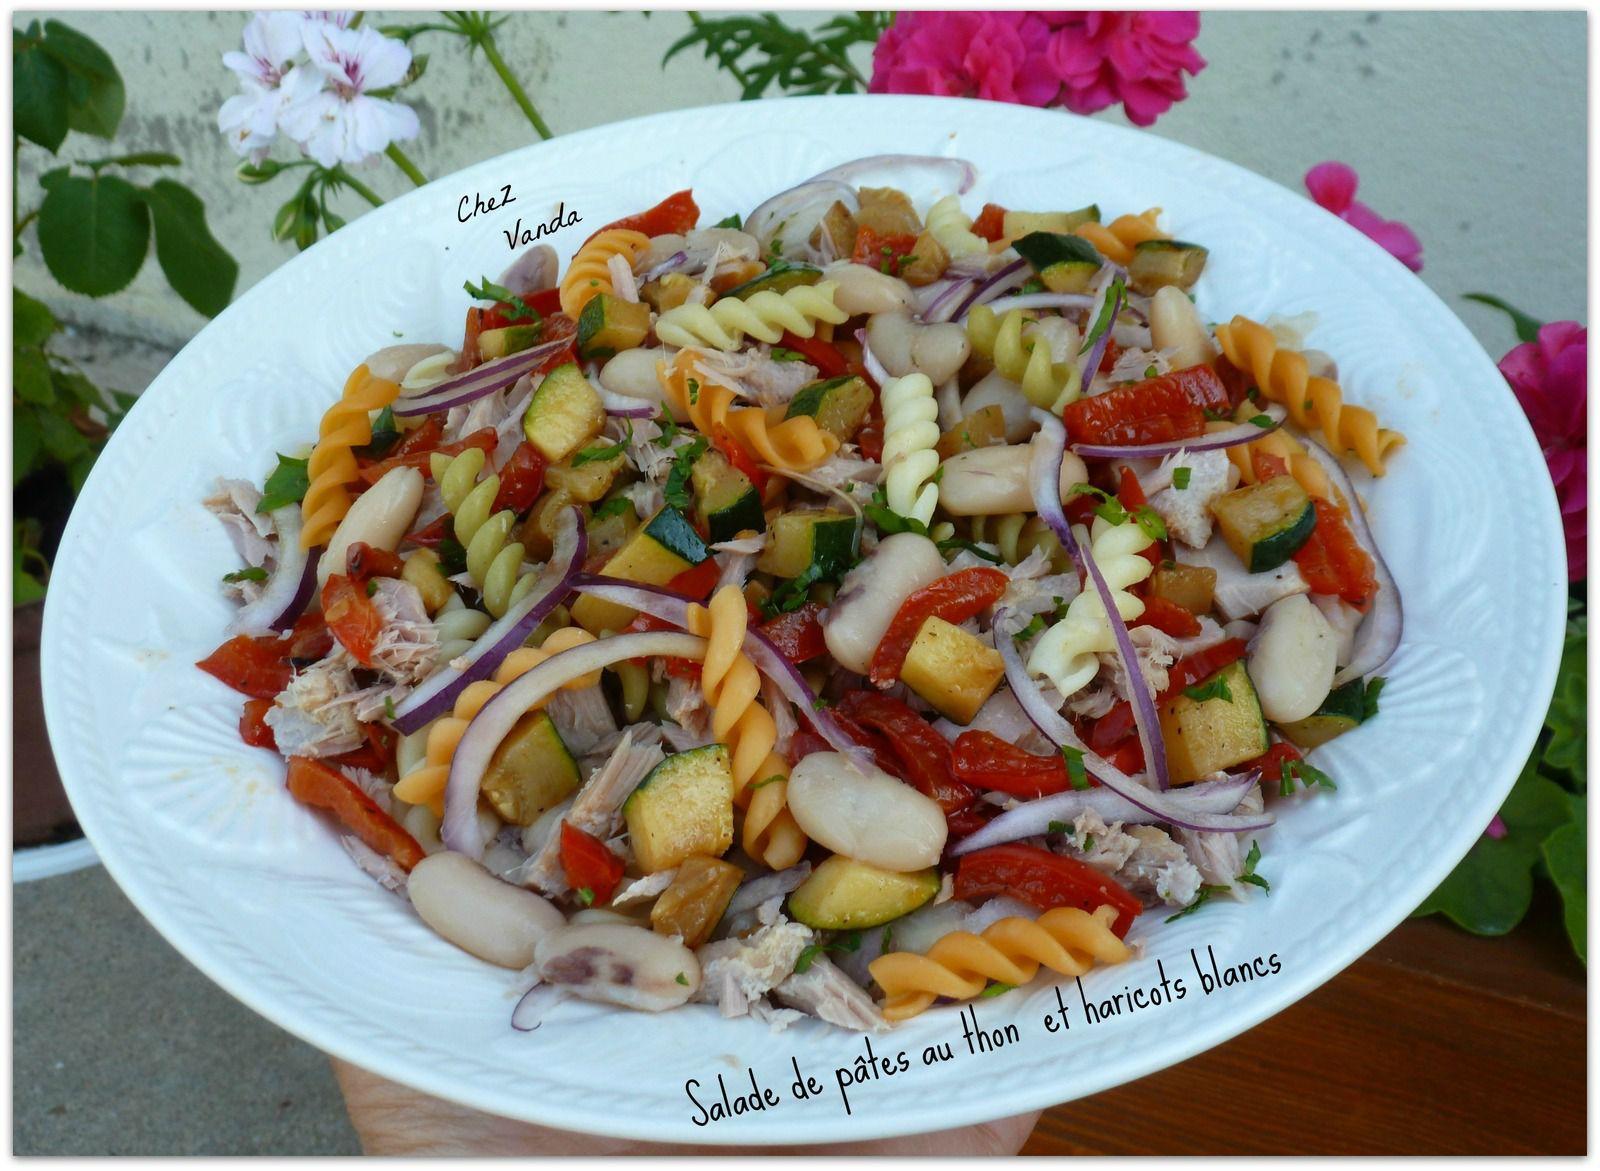 Salade de pâtes au thon et haricots blancs